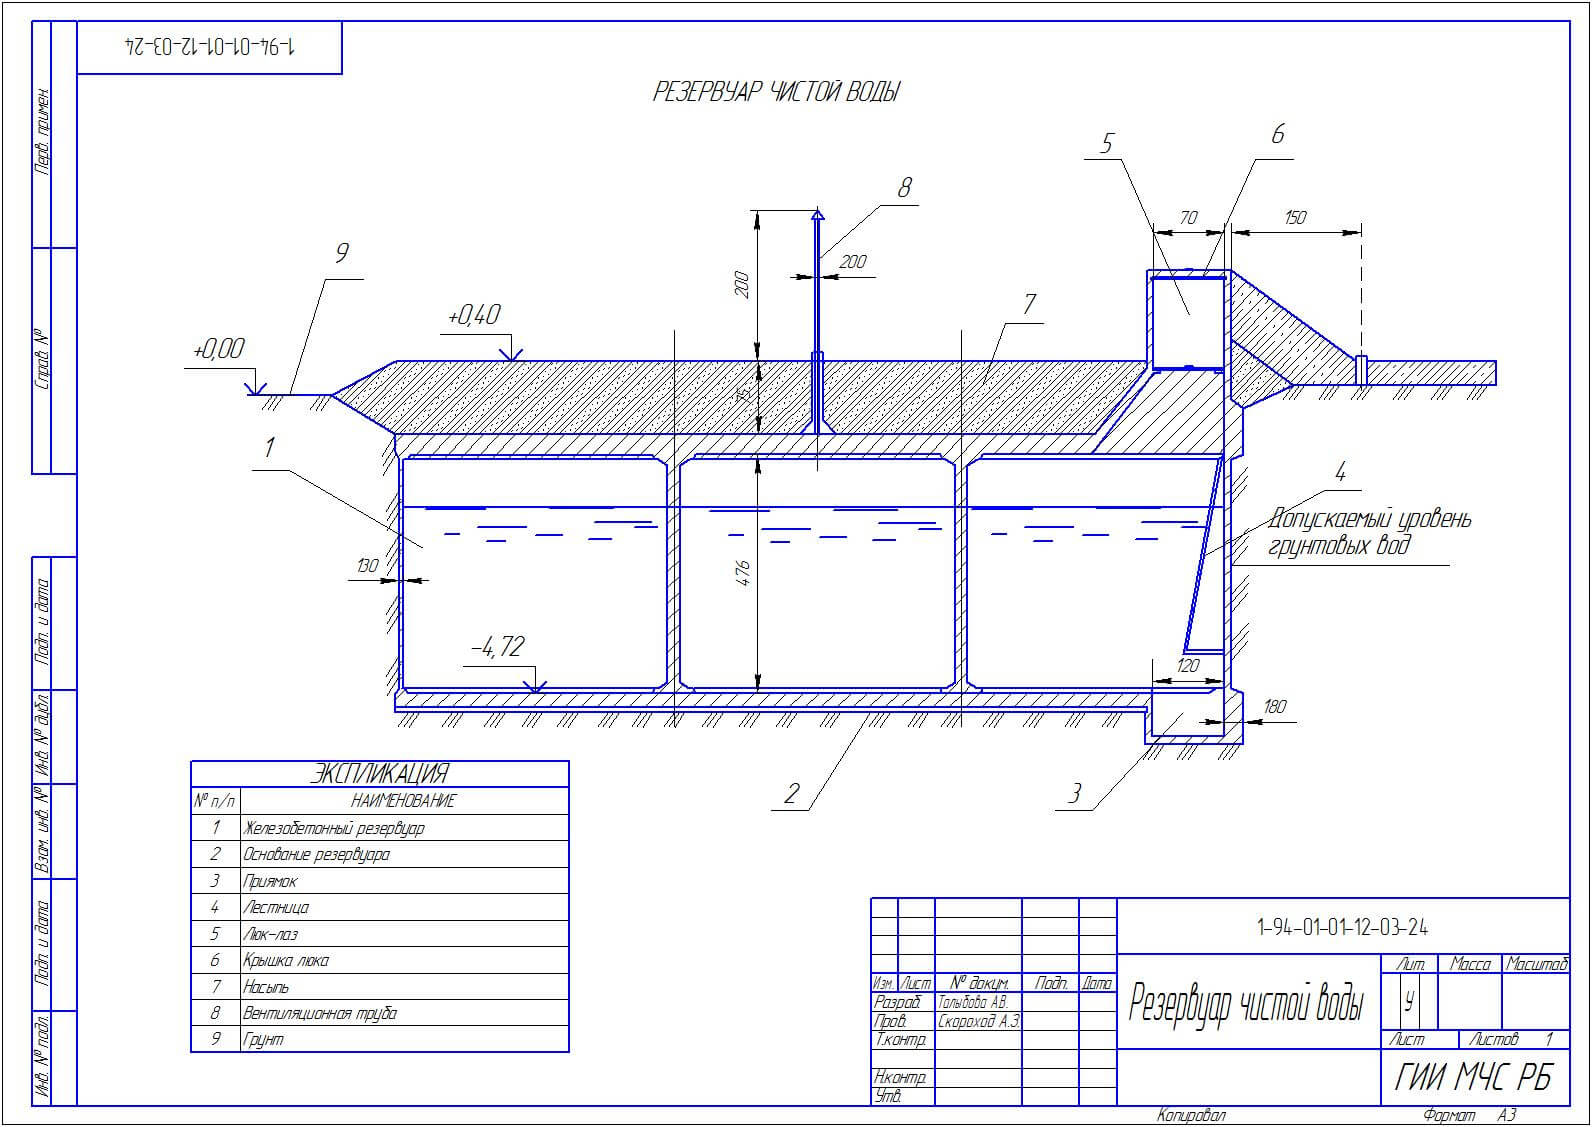 emkosti prjamougolnye rvs rgs 2 Резервуары и емкости прямоугольные (РВС , РГС)